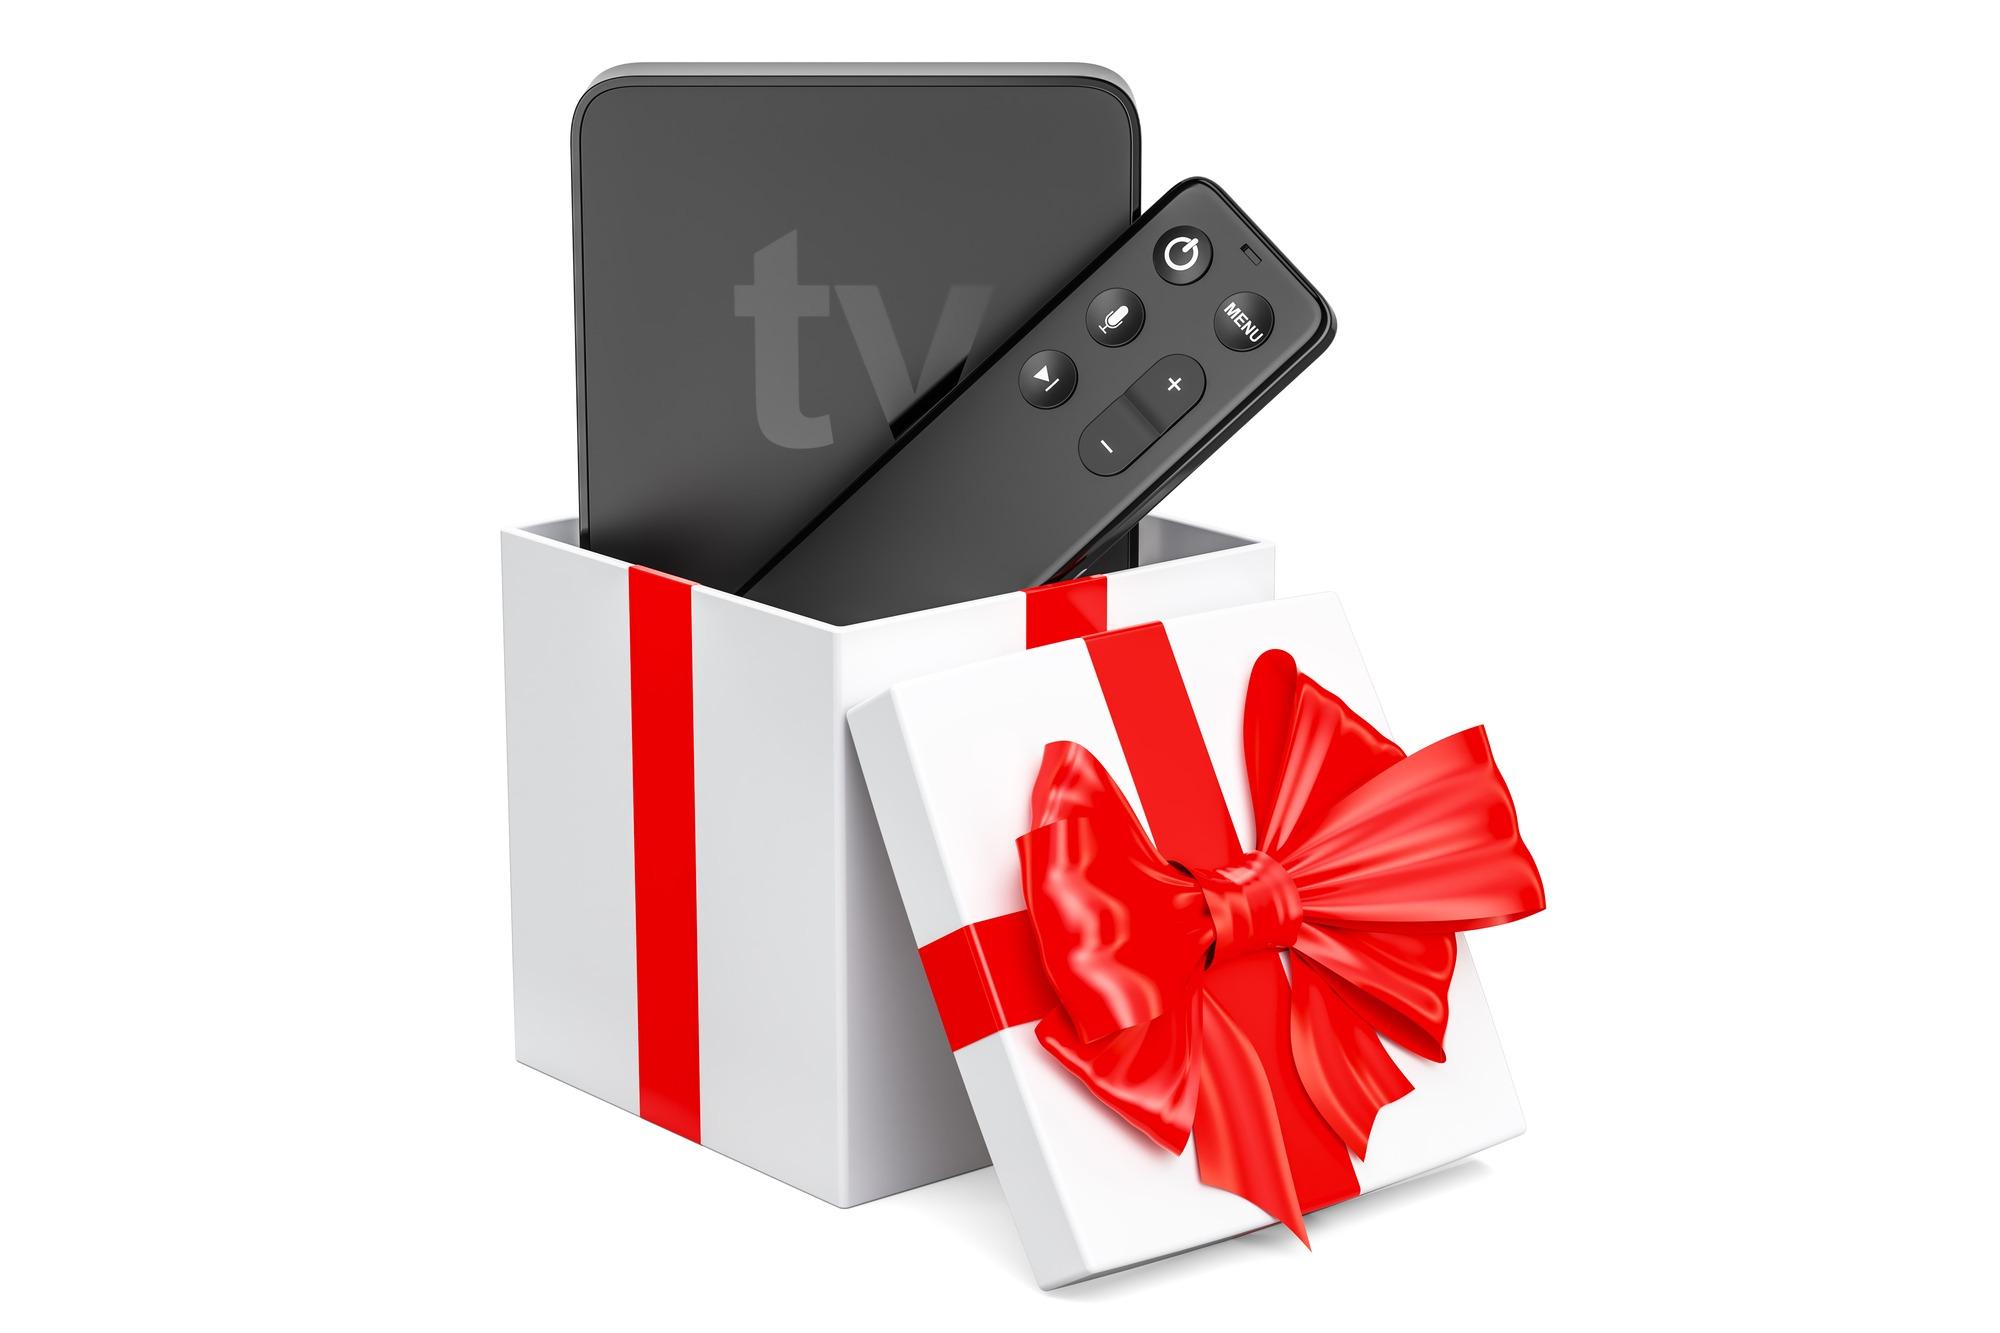 legale-utile-bonus-tv-finanziaria-decoder-tv